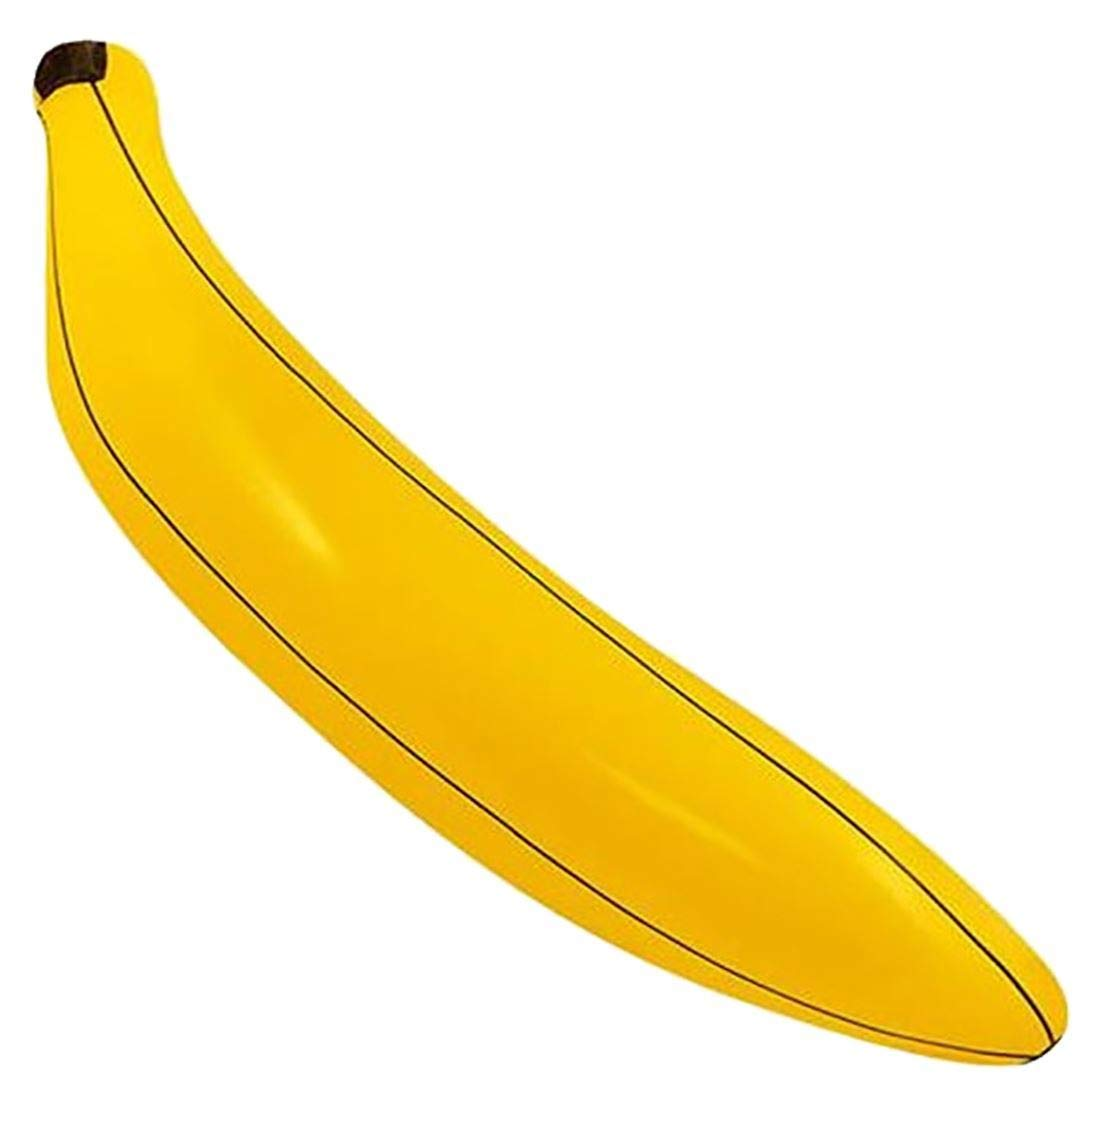 80cm Hinchable Plátano - amarillo y negro, bebés: Amazon.es ...